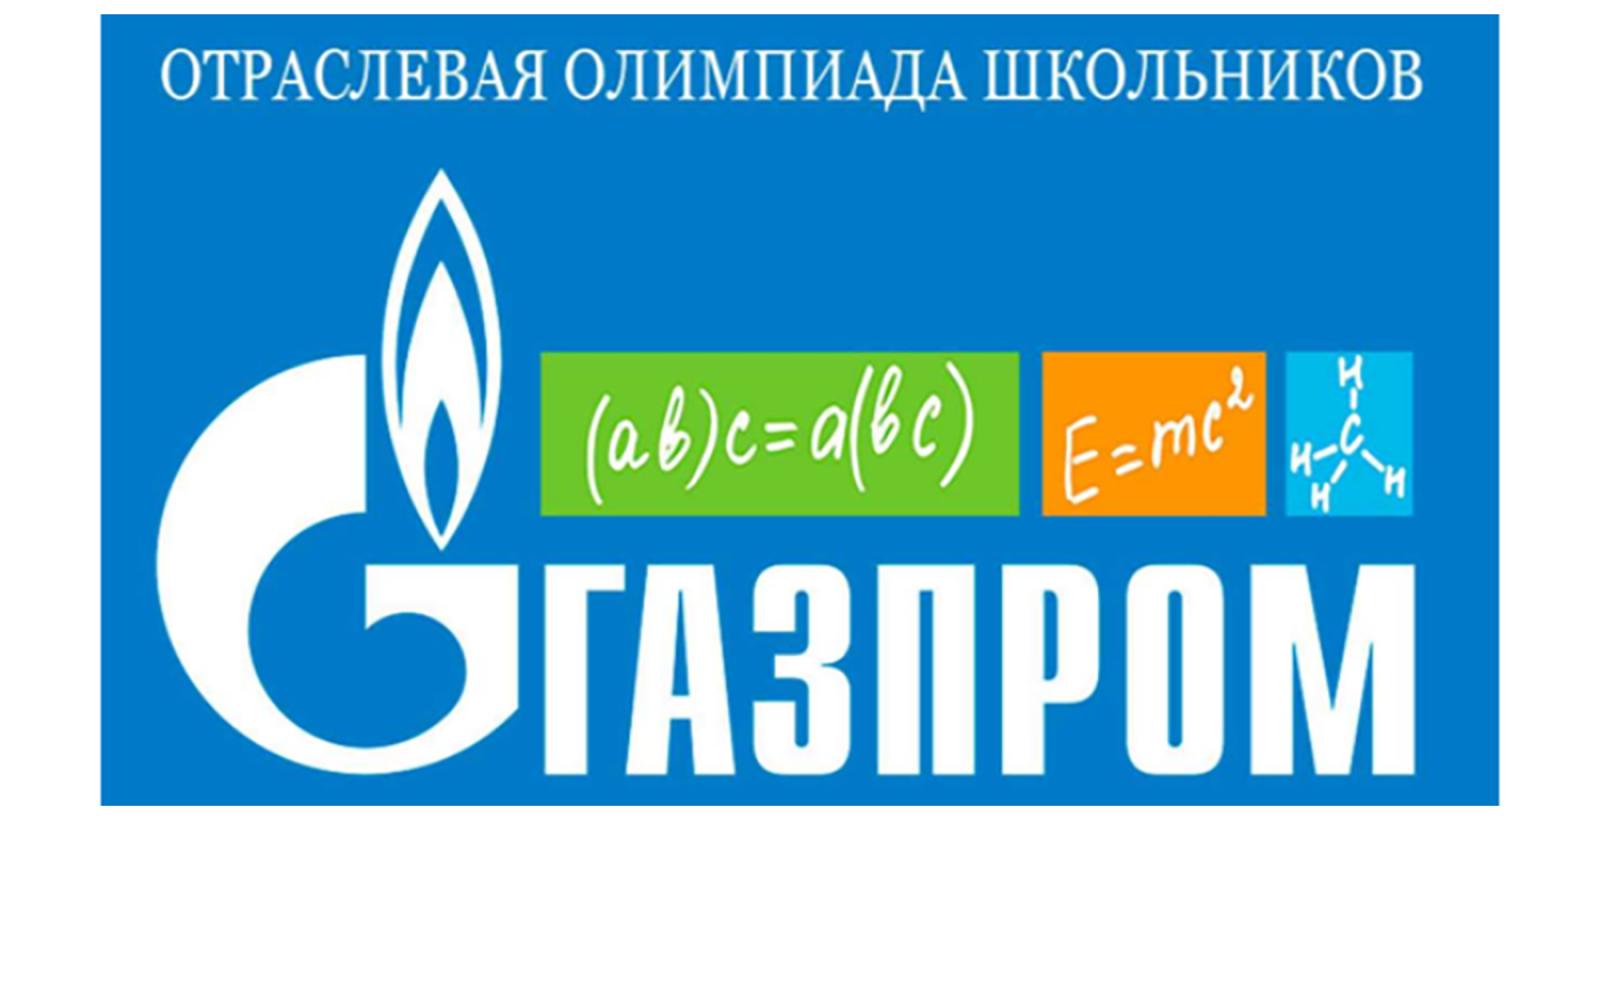 Отраслевую олимпиаду для школьников ПАО «Газпром» реализует совместно с вузами-партнерами